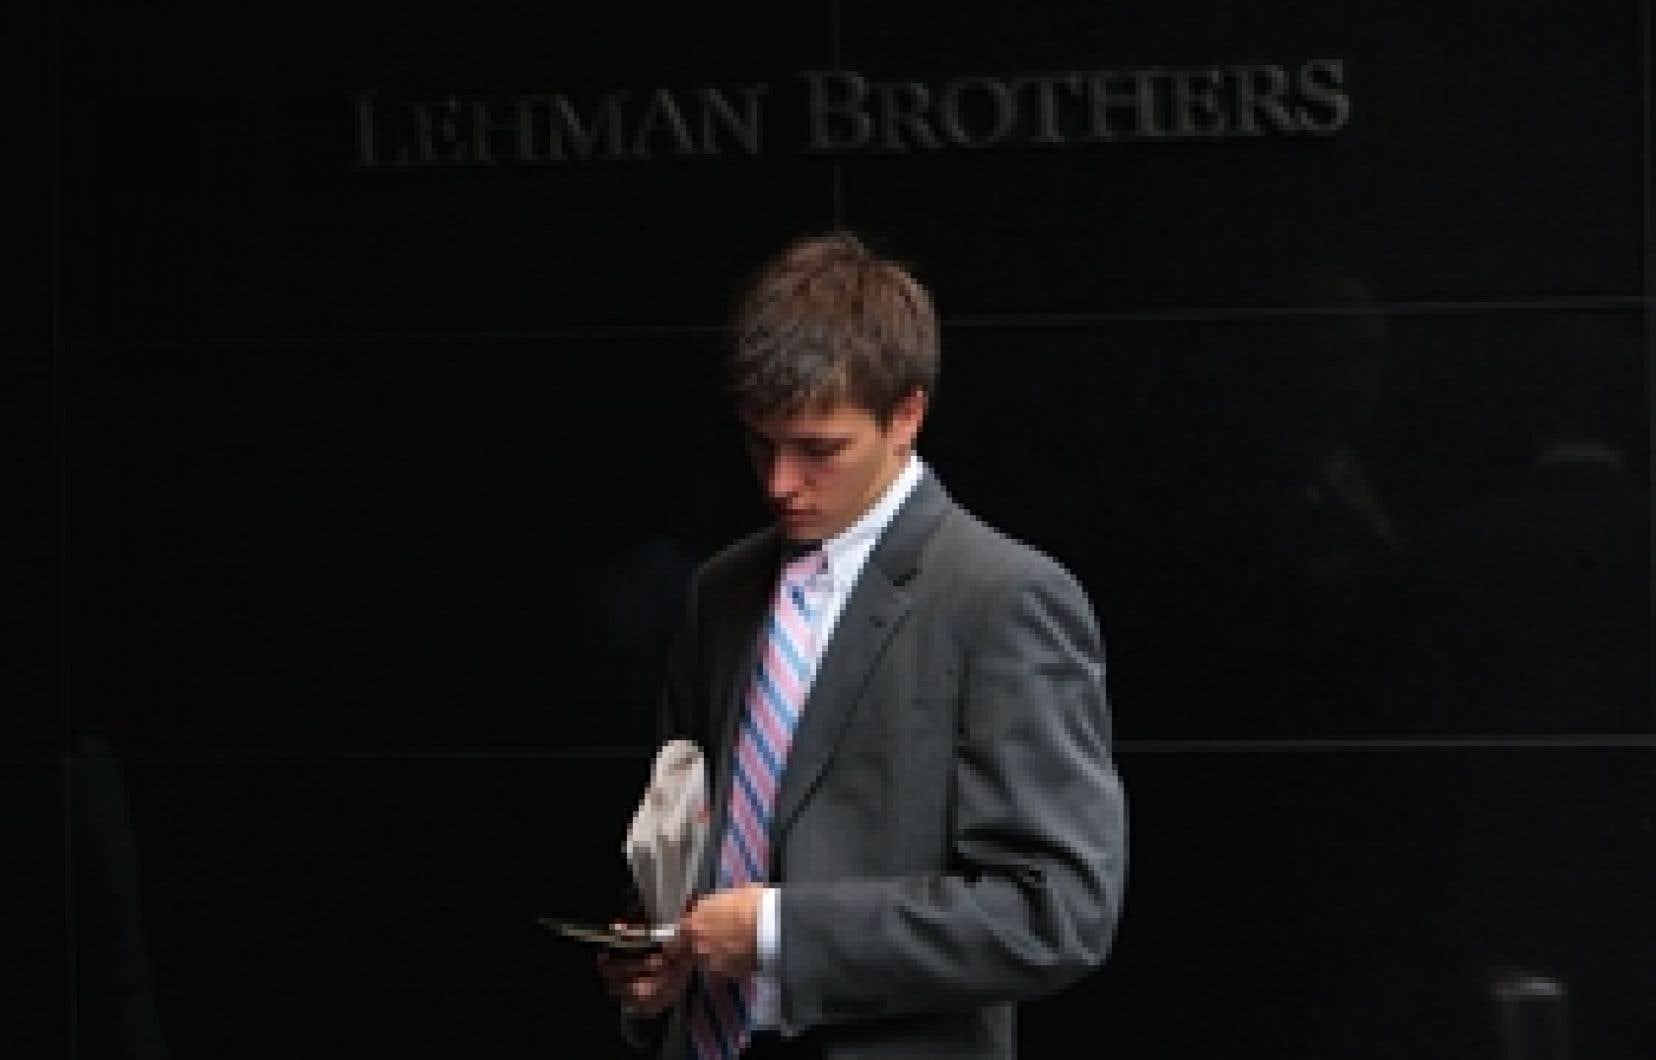 Le titre Lehman Brothers abandonnait 16 % à 3,54 $US hier. Il en valait près de 70 $US il y a moins d'un an et plus de 16 $US vendredi dernier.